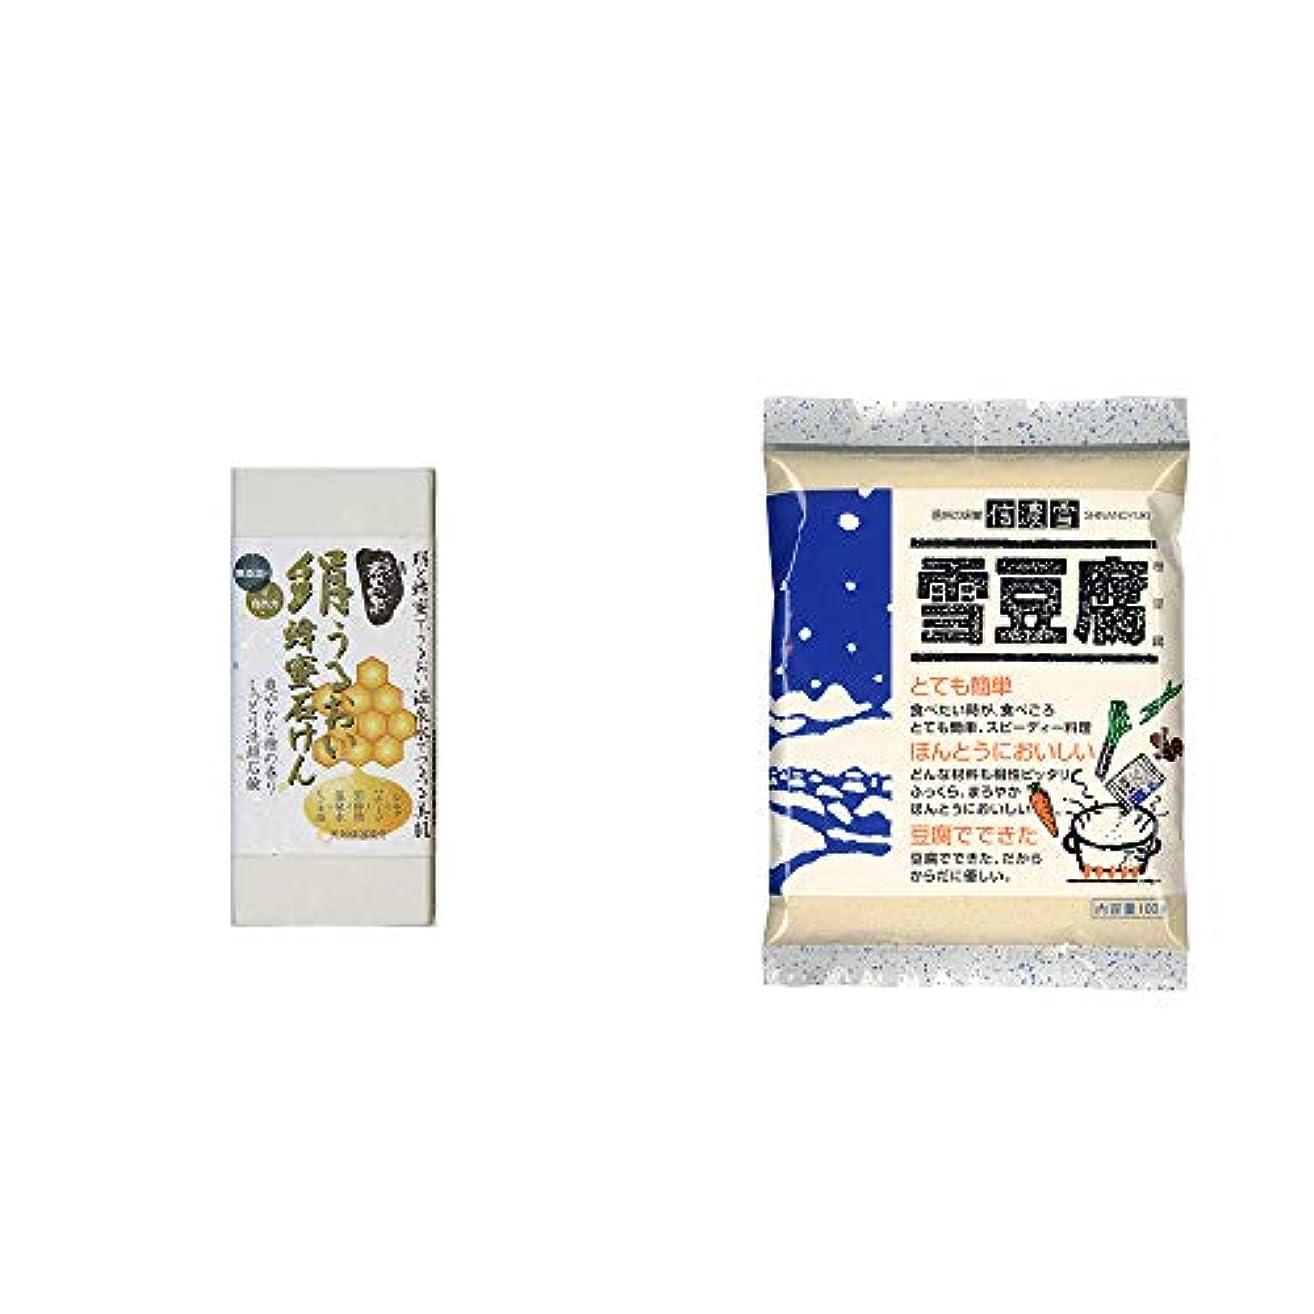 [2点セット] ひのき炭黒泉 絹うるおい蜂蜜石けん(75g×2)?信濃雪 雪豆腐(粉豆腐)(100g)